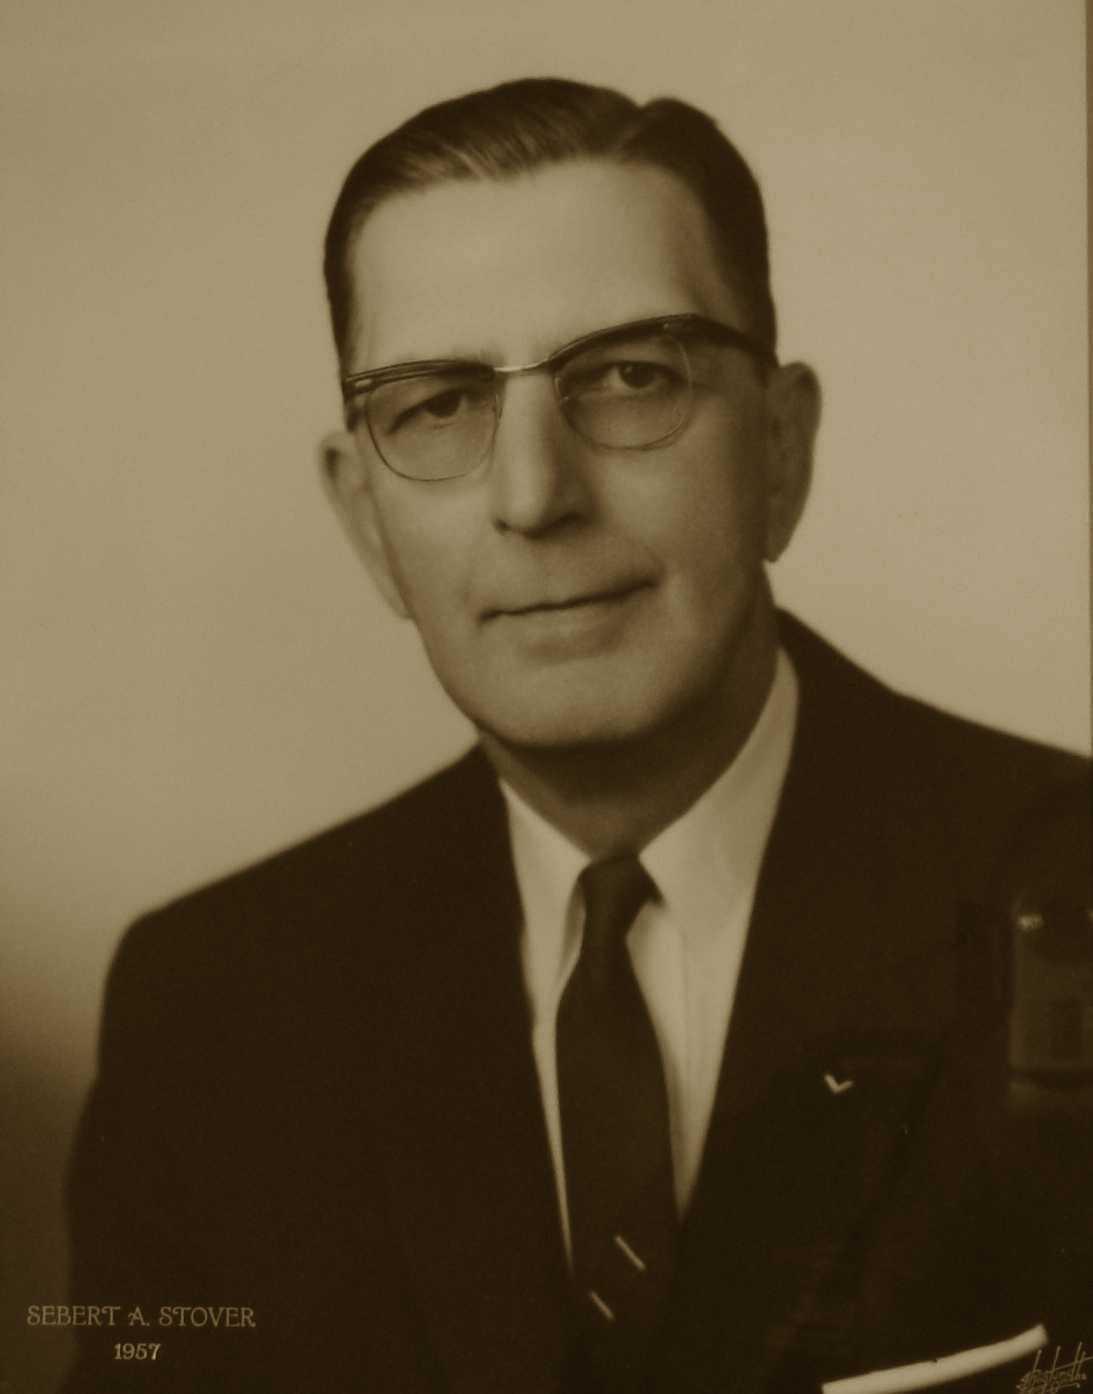 Sebert A. Stover, 1957